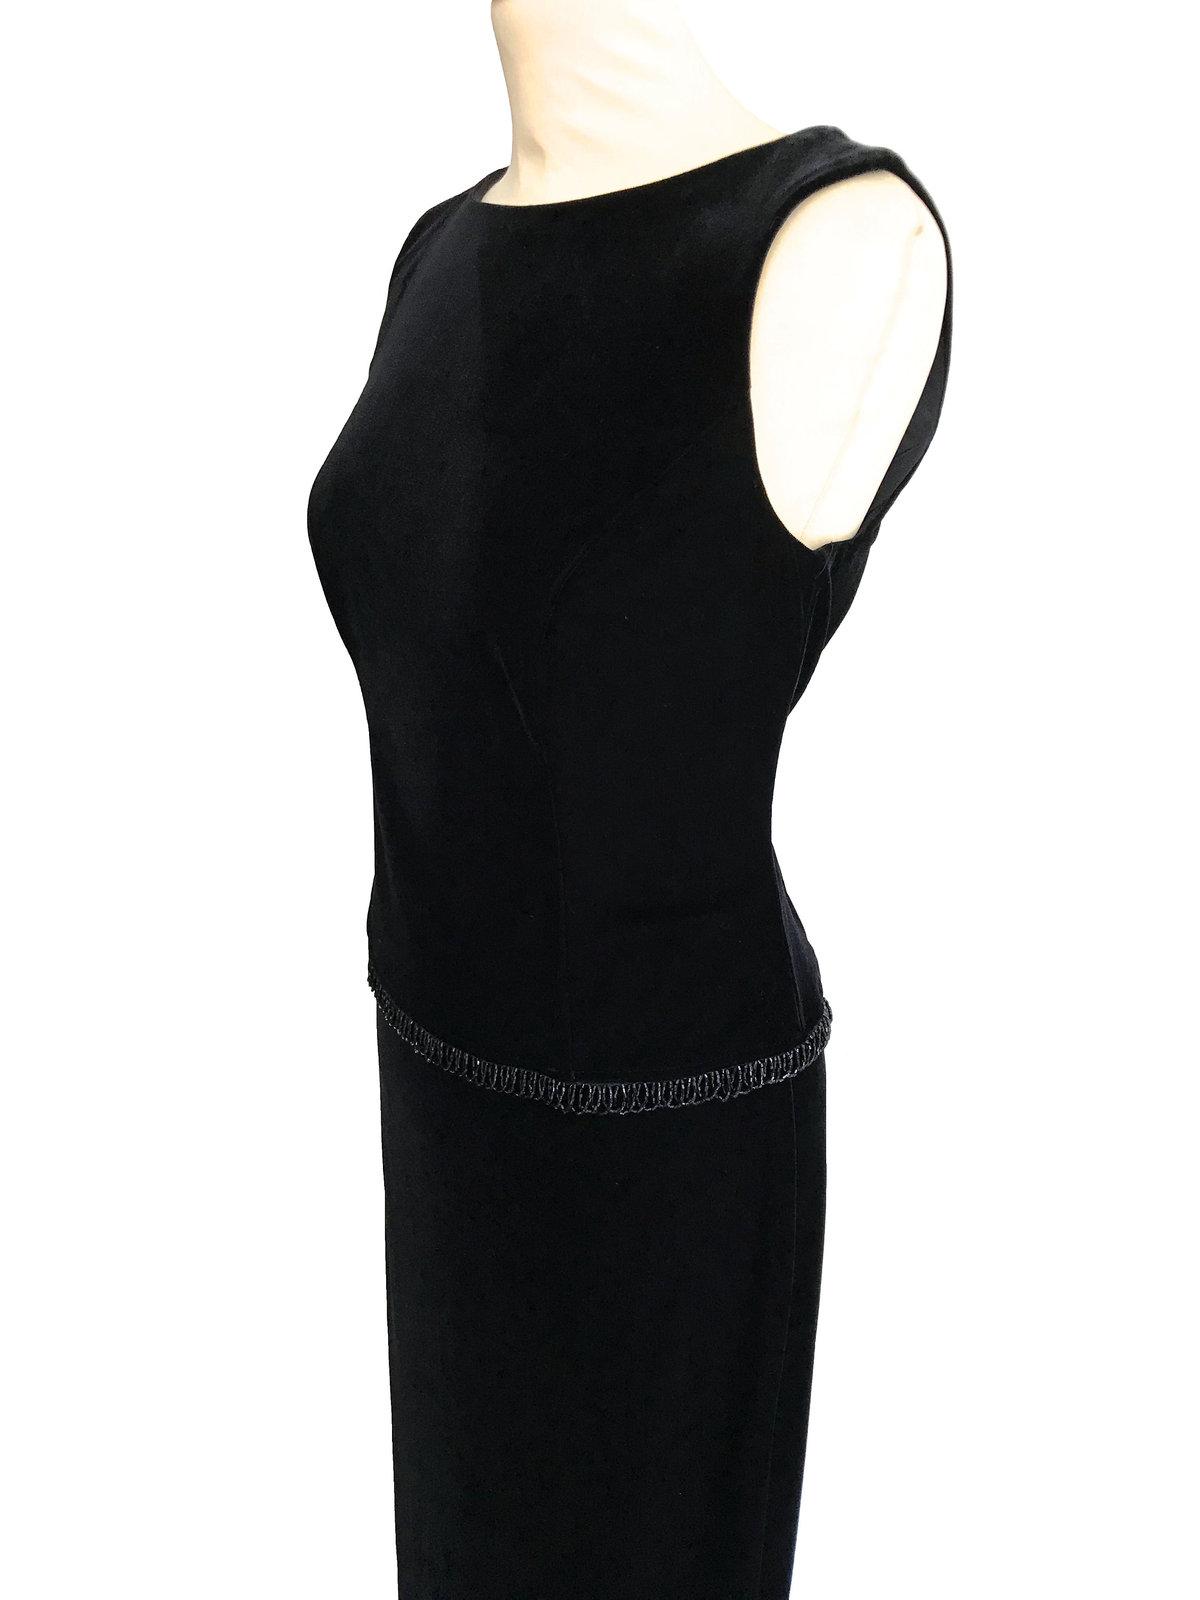 80s Black Velvet Stretch Beaded Boat Neck Sleeveless Evening Formal Maxi LBD Dre image 5